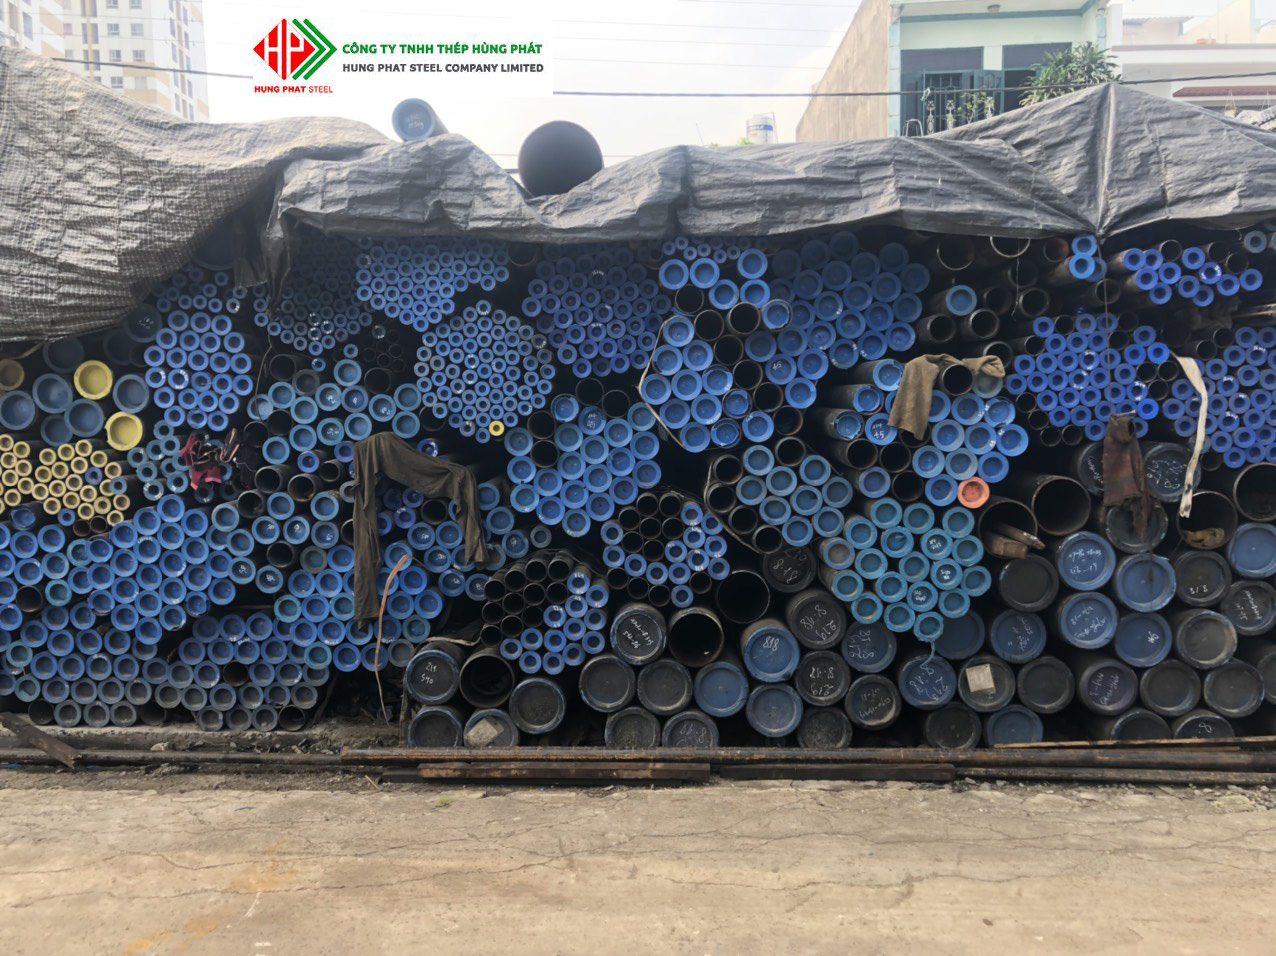 Bảng giá ống thép Hòa Phát